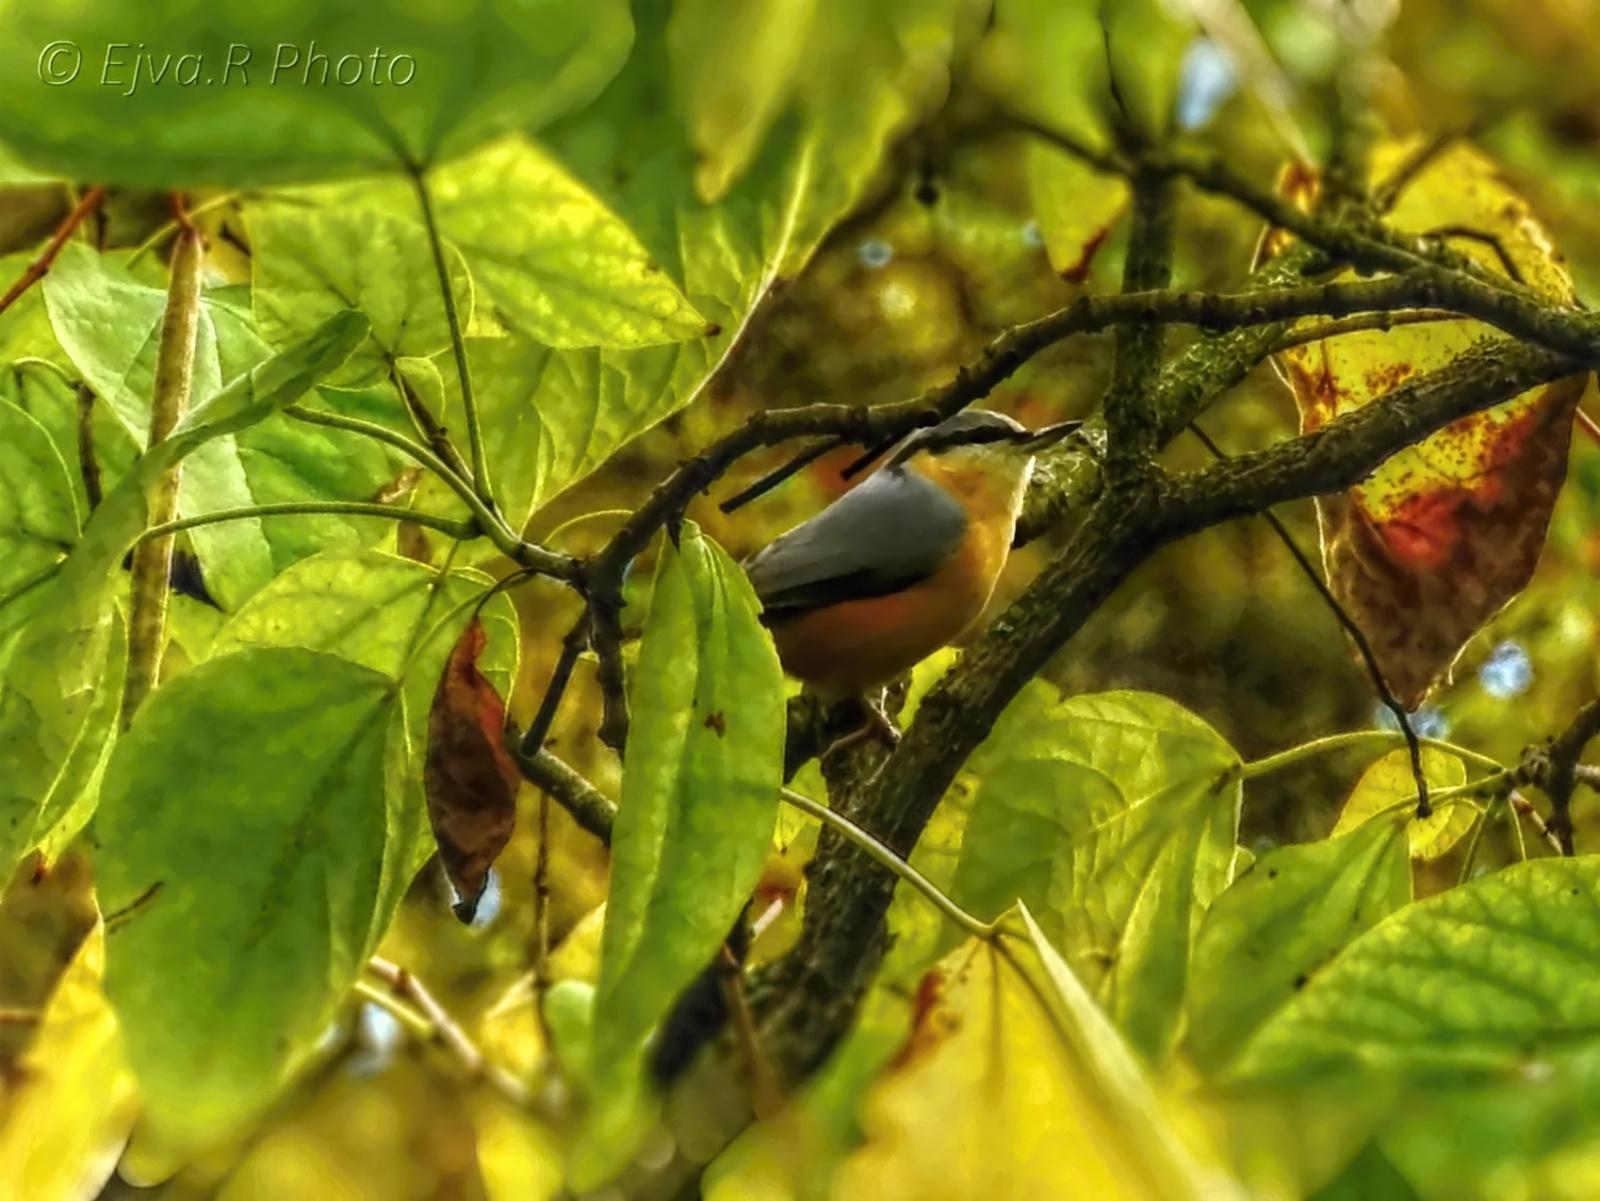 A csuszka madár elbújva (Sittidae)